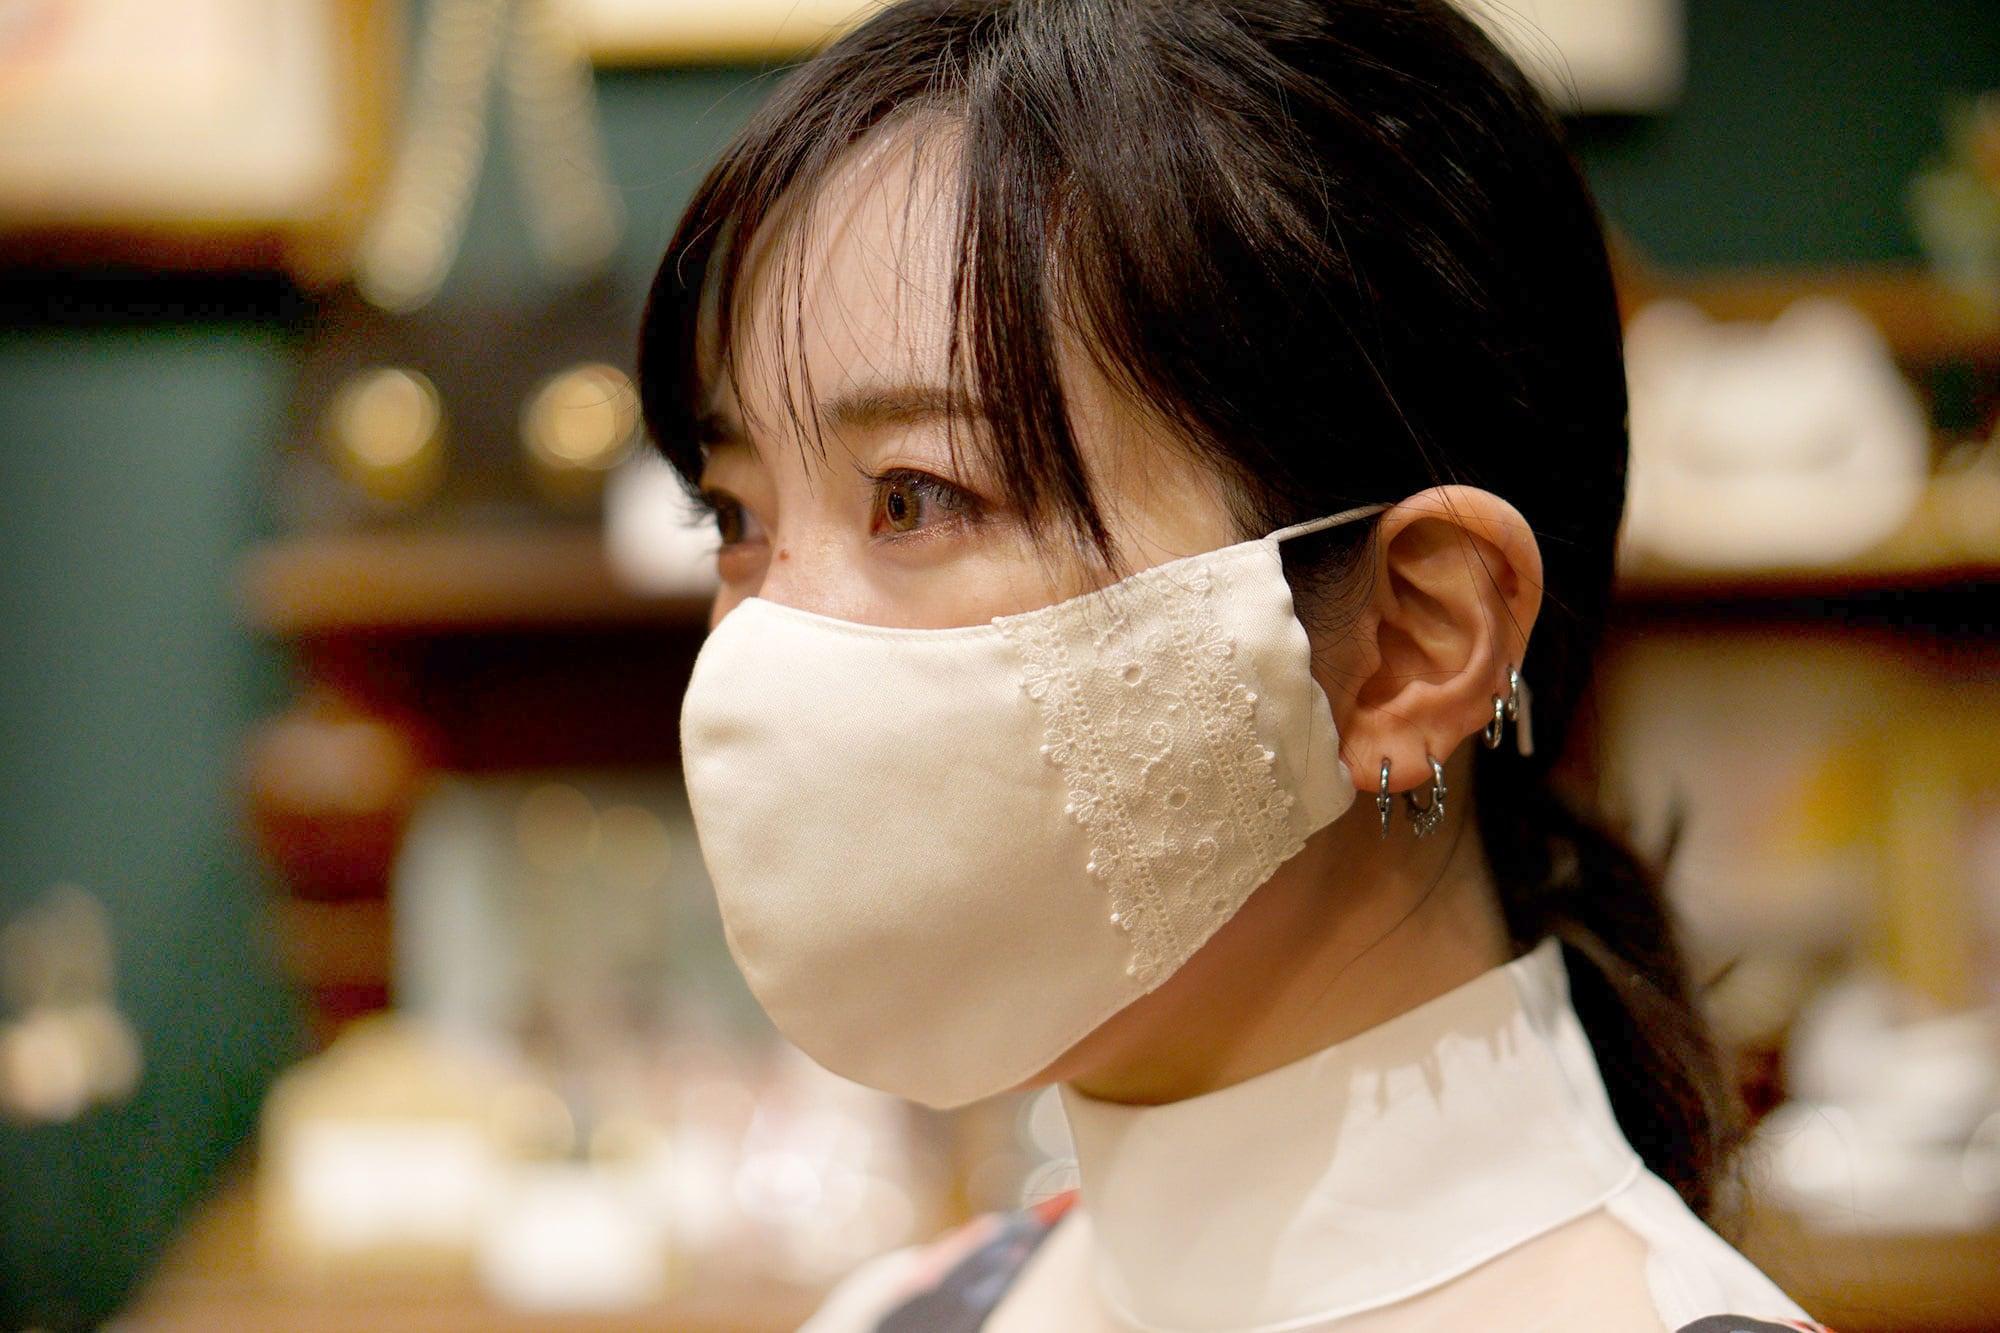 【セール】オフィスカジュアルのためのレース付き布マスク・ロングタイプ/オフホワイト